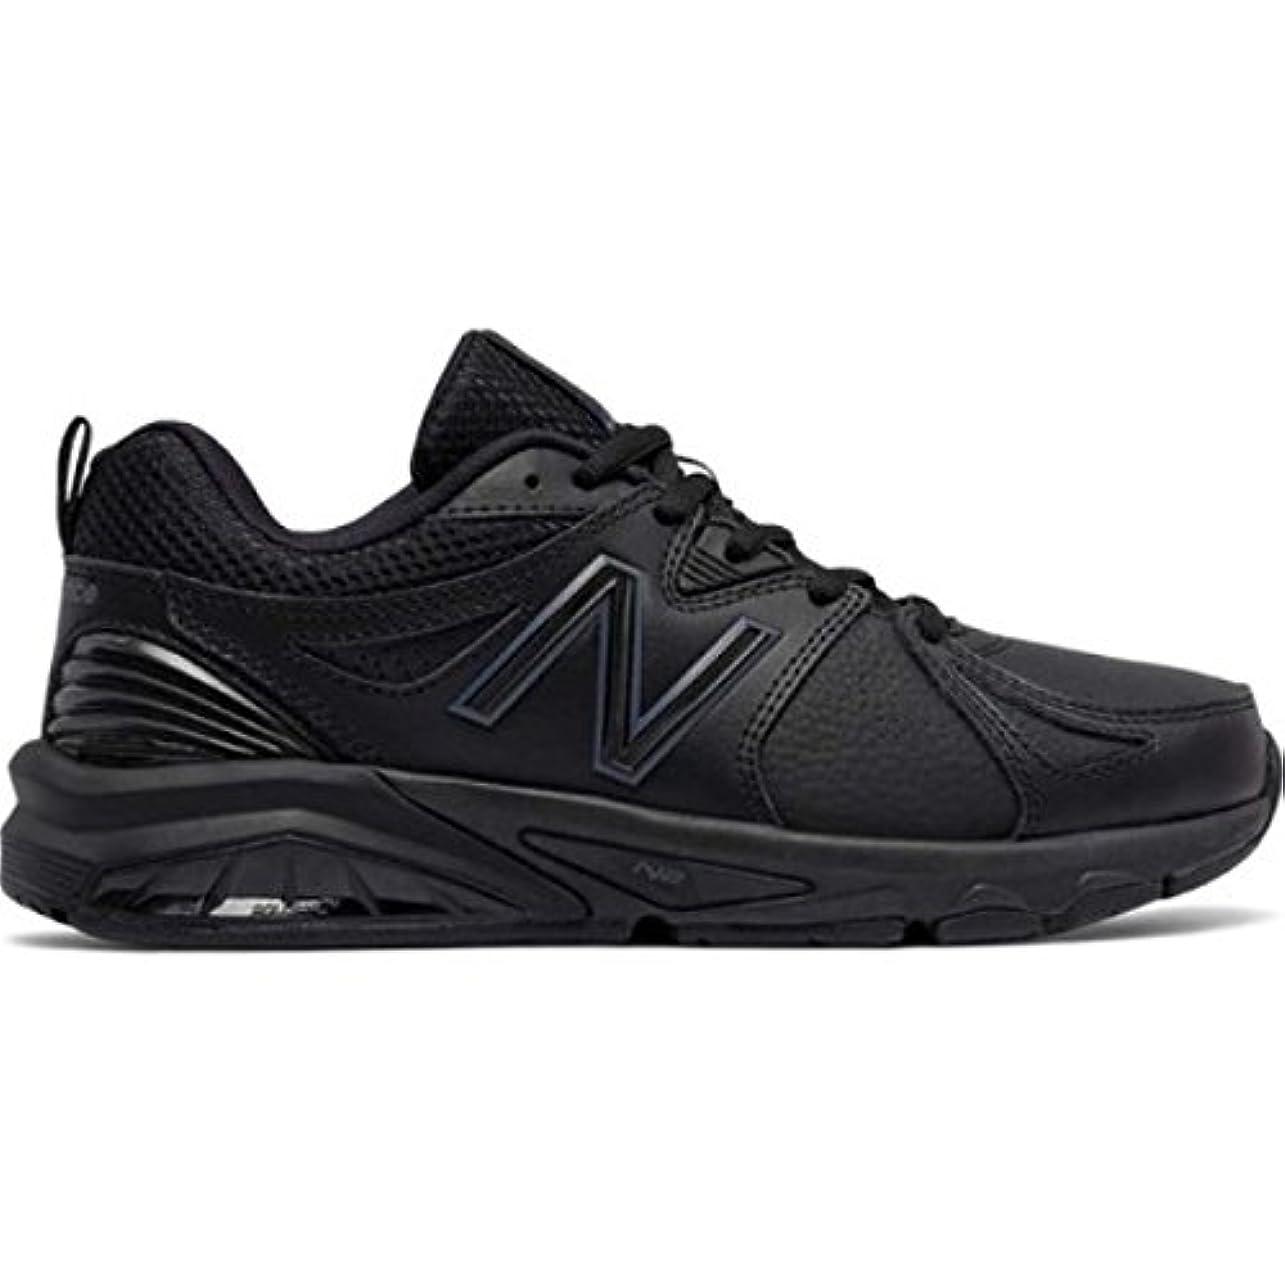 有彩色の署名鎖(ニューバランス) New Balance レディース シューズ?靴 スニーカー 857v2 Training Shoe [並行輸入品]